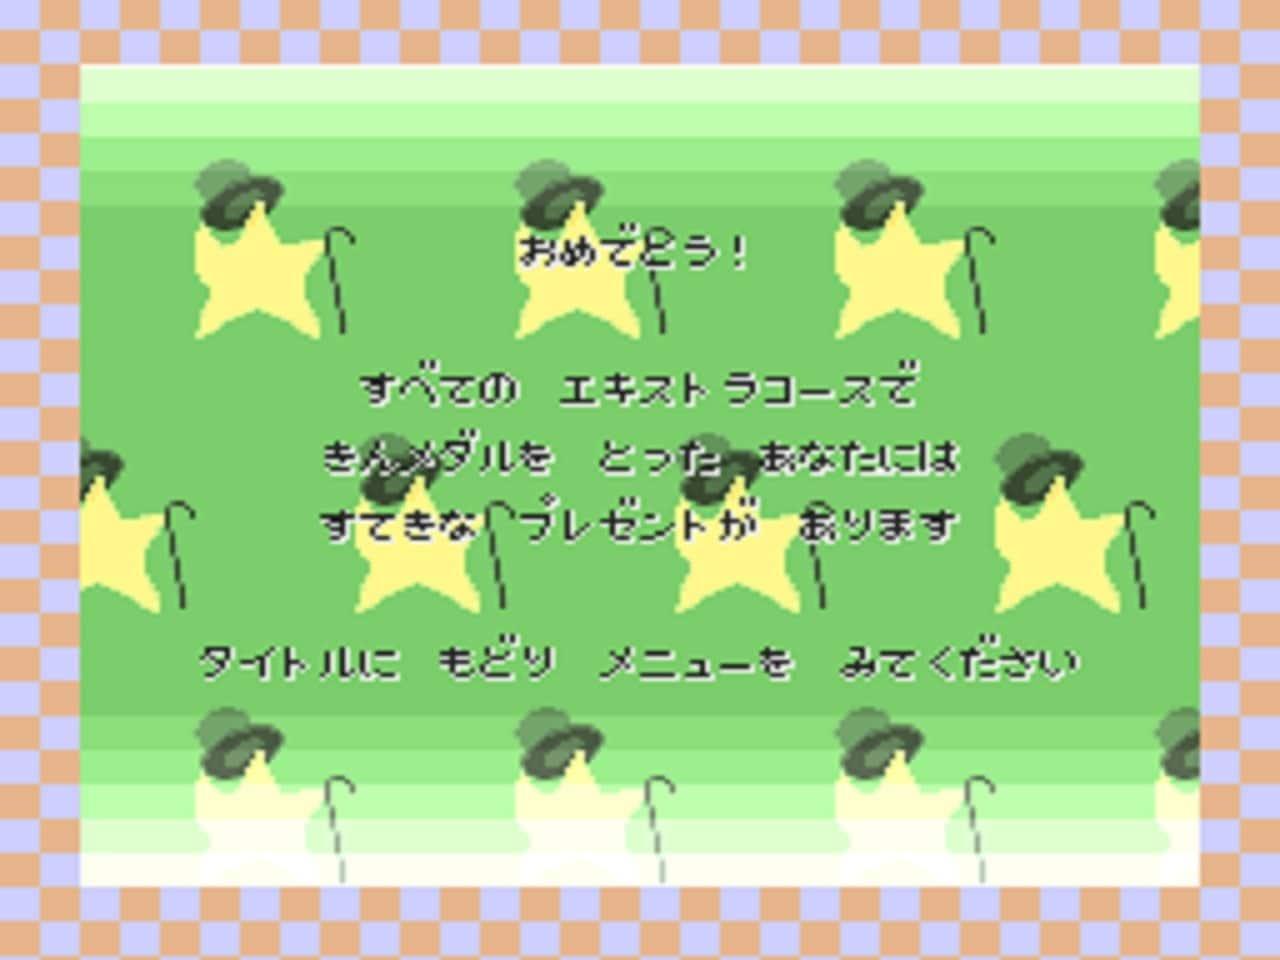 『カービィ』シリーズ初のSFCソフト『カービィボウル』は「まさかのゴルフゲーム」!?の画像008